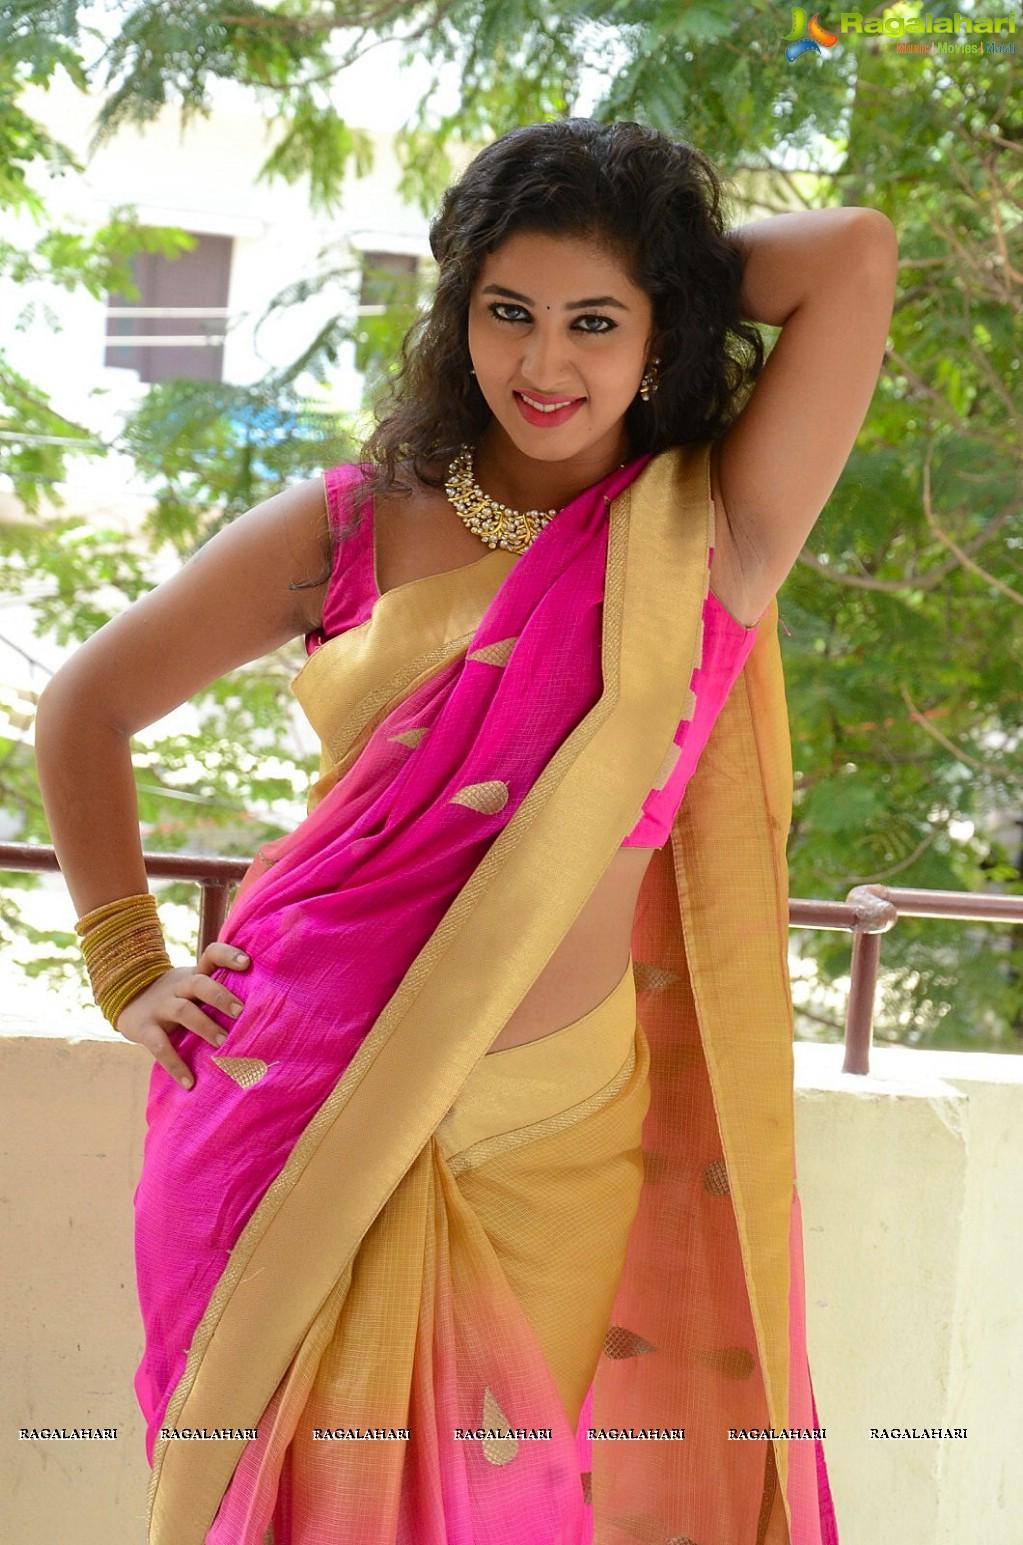 actress armpit photos, desi Armpit, Hot Armpit Show, hot bogy show, hot sexy armpit, Ipsita Pati, masala armpit, spicy show, tamil armpit, teledu armpit,